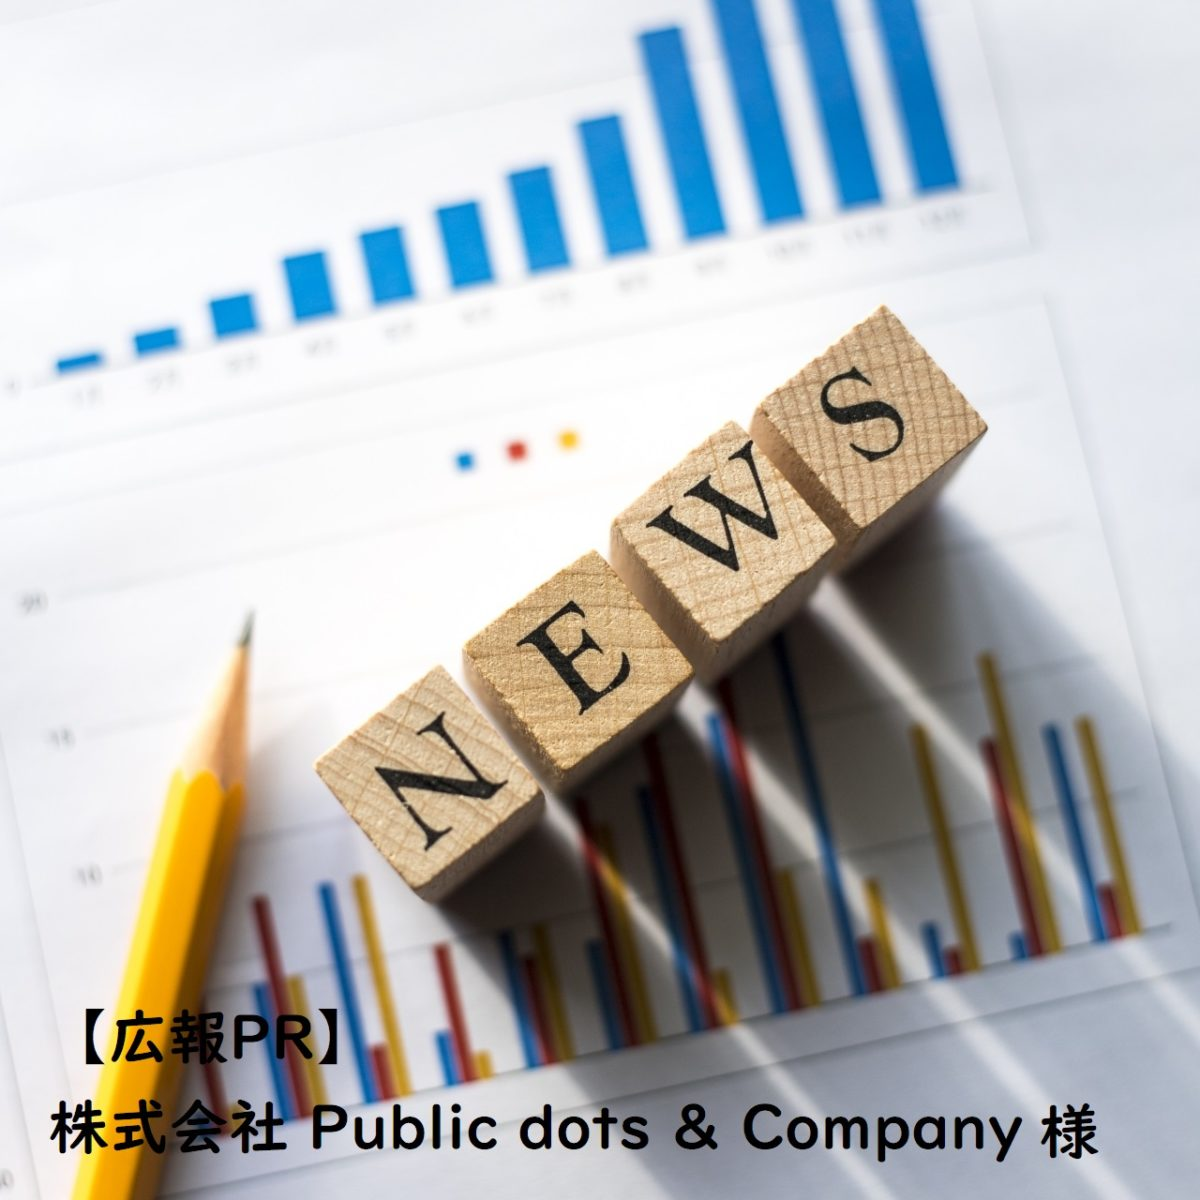 広報PR業務 株式会社 Public dots & Company 様